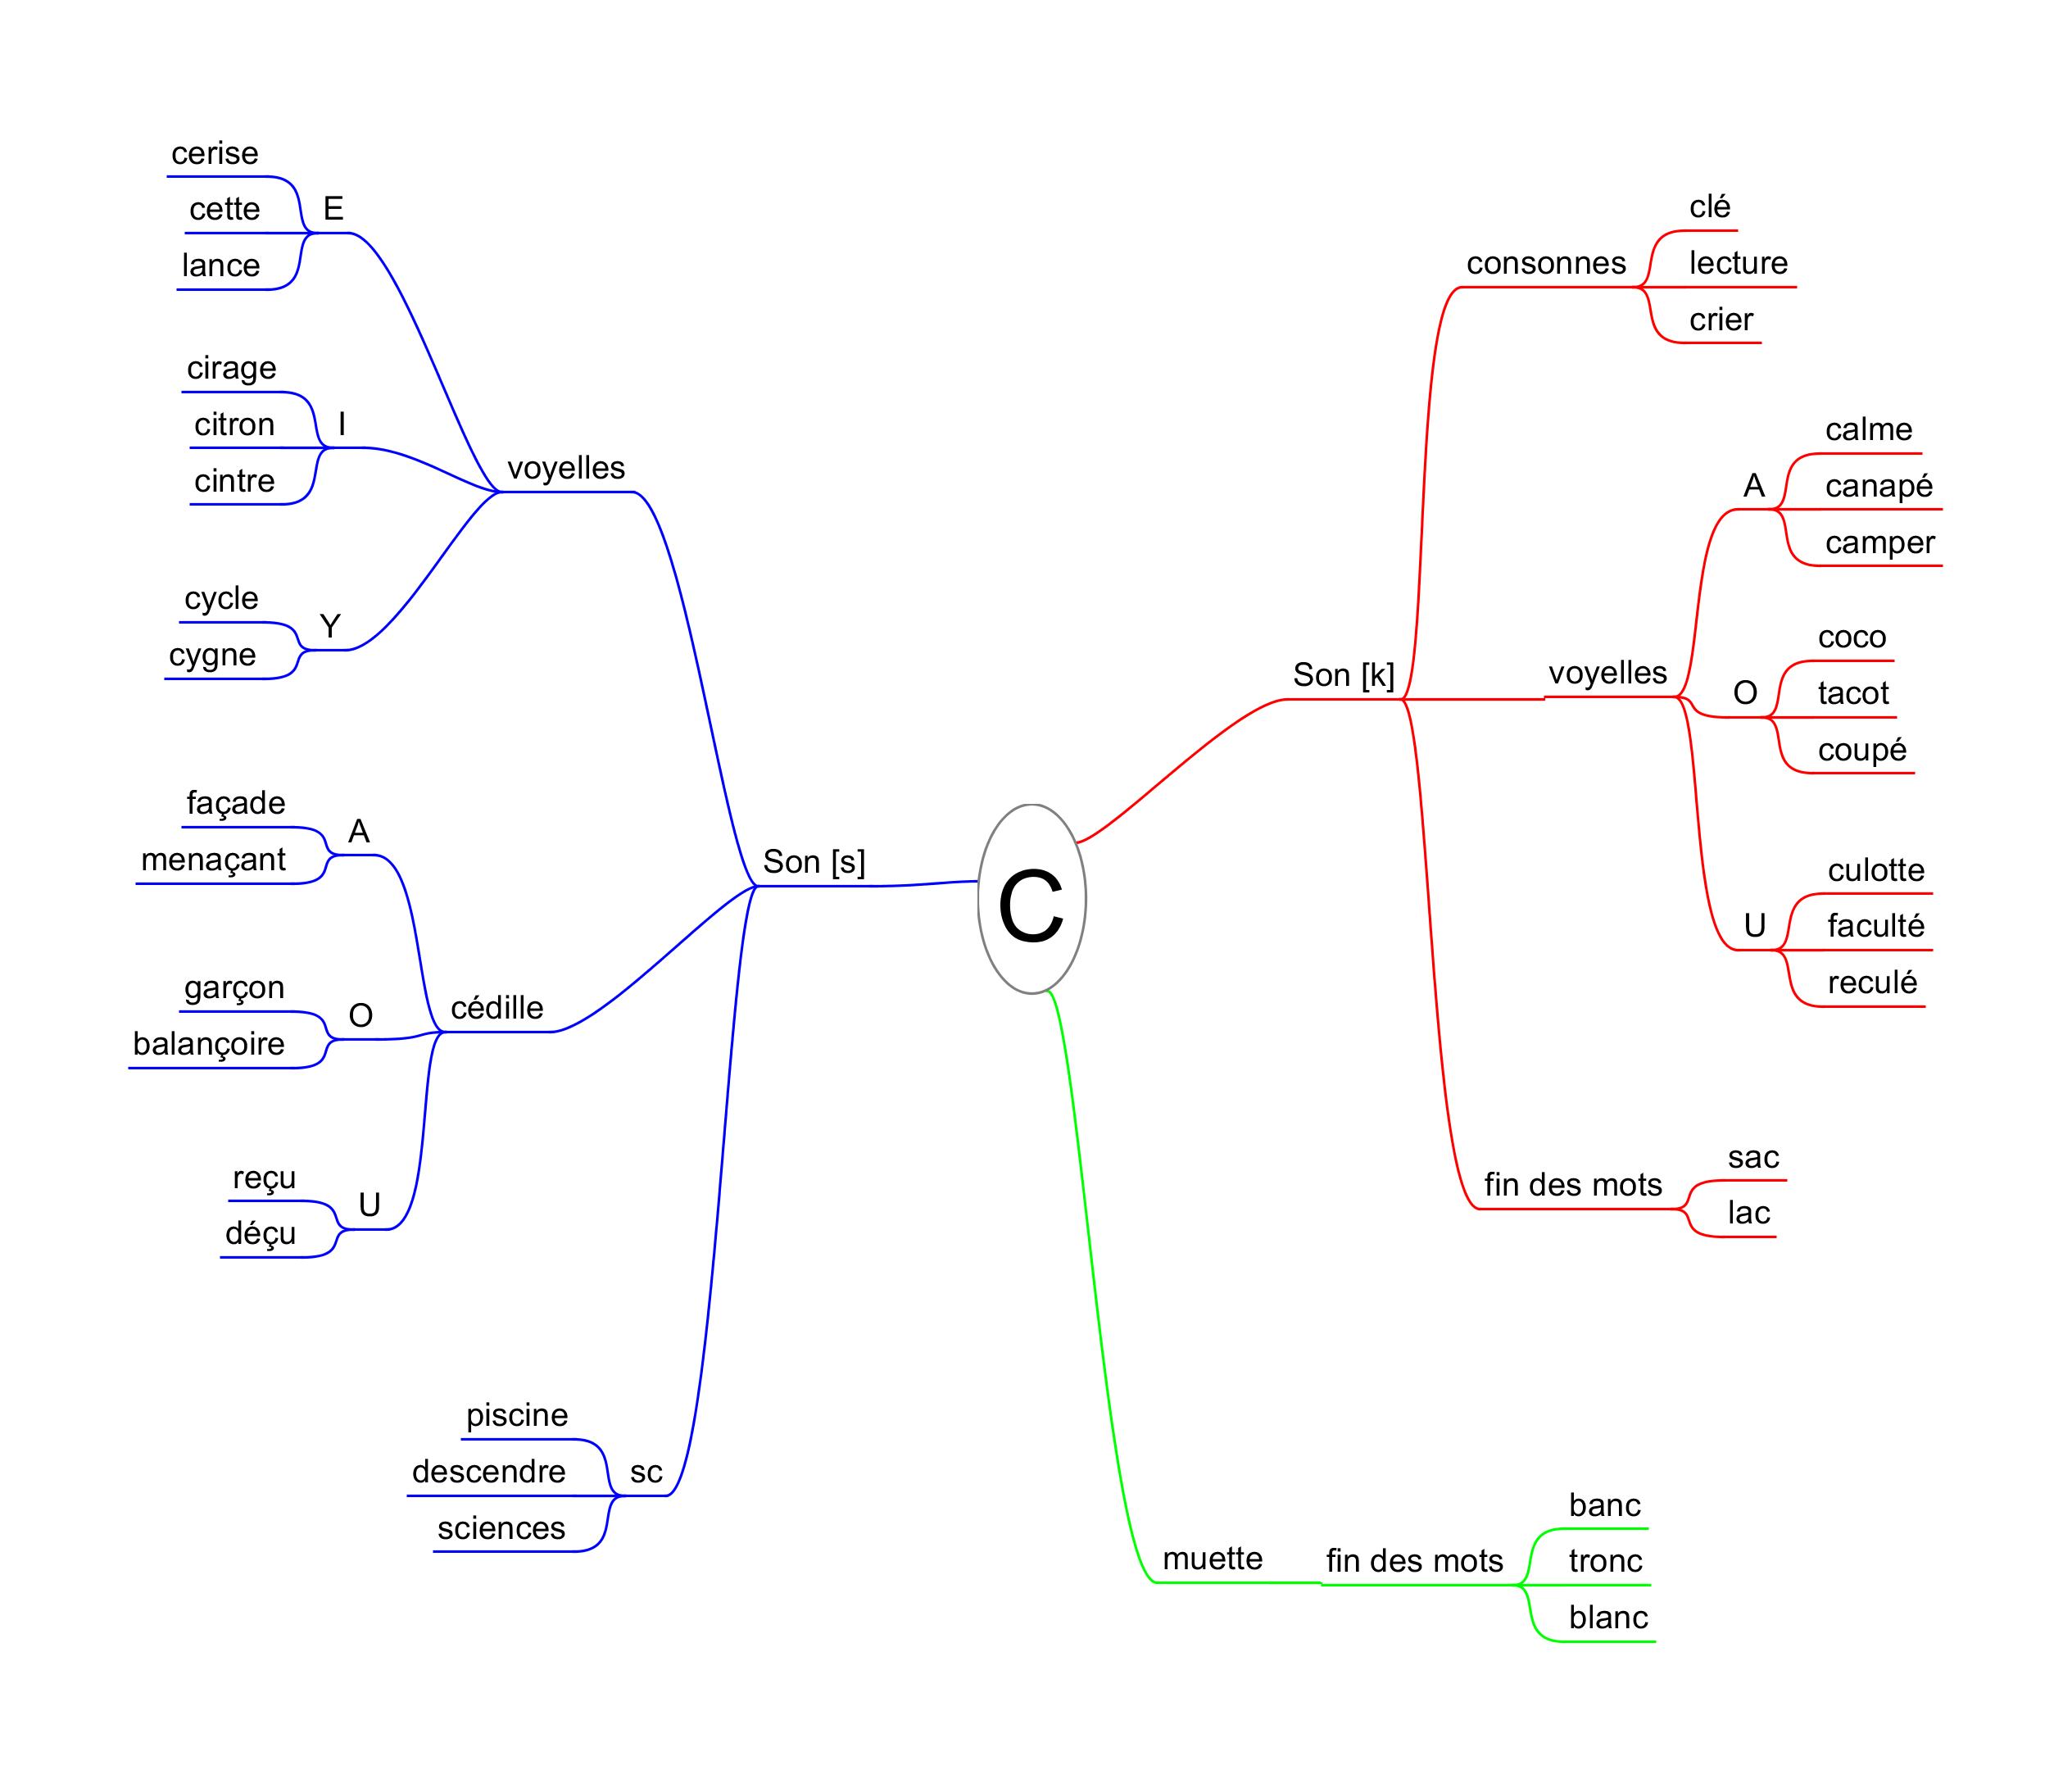 différentes valeurs de la lettre C